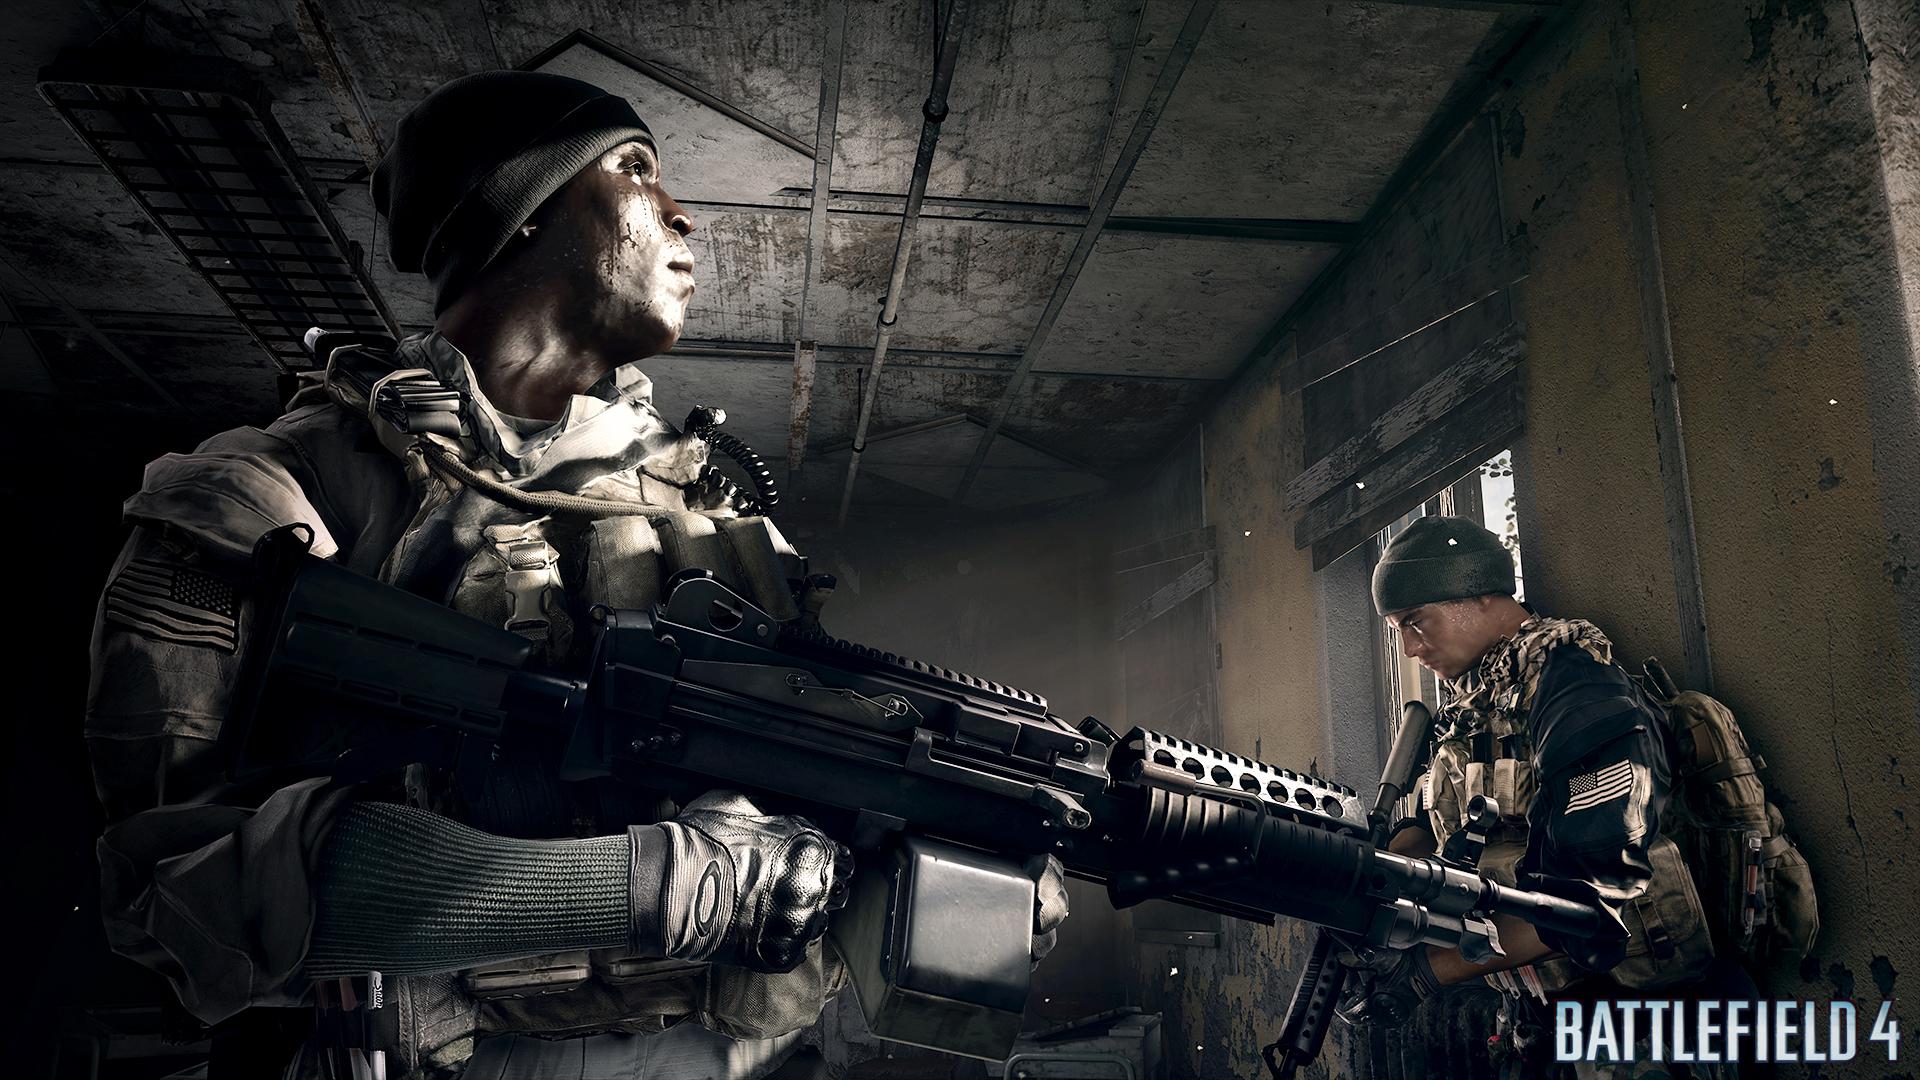 Beta Battlefield 4 startuje jutro o 10:00. Oto wszystko, co musisz o niej wiedzieć